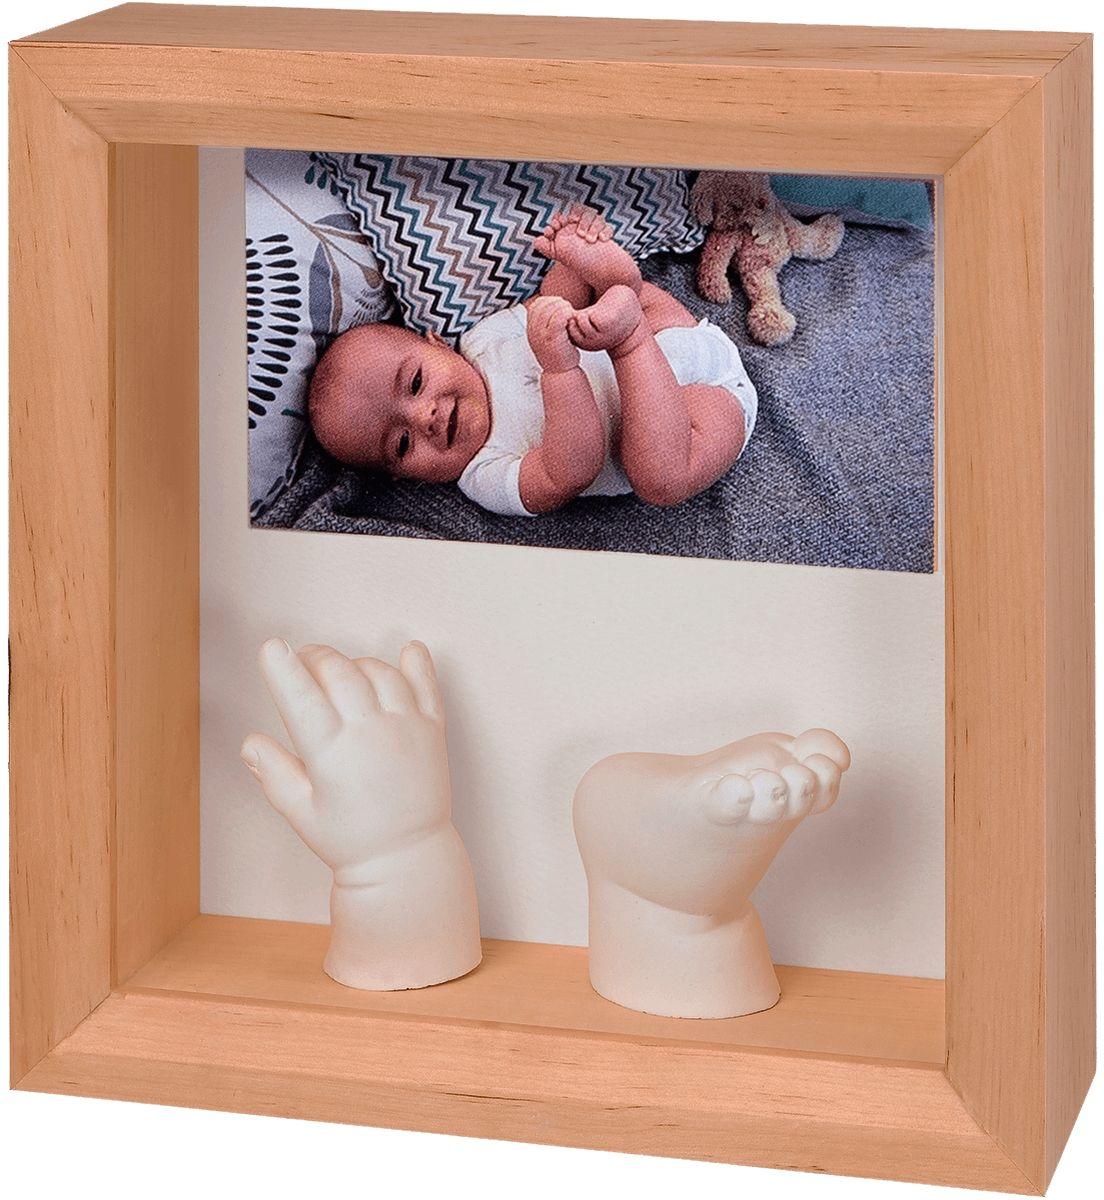 Baby Art Рамка для оттисков Классика с объемным слепком34120183Рамочка с отпечатком от компании Baby Art - это особый подход к созданию очаровательного подарка на память для этого особого периода жизни, с фотографией и обоими отпечатками ручки и ножки вашего ребенка. - Быстро и легко сделать отпечаток: не надо запекать, нет необходимости в дополнительных материалах, все уже включено в набор! - Можно делать несколько проб до сушки. - Очень быстро: создание идеального слепка всего за 2 минуты (не включая процесс сушки).